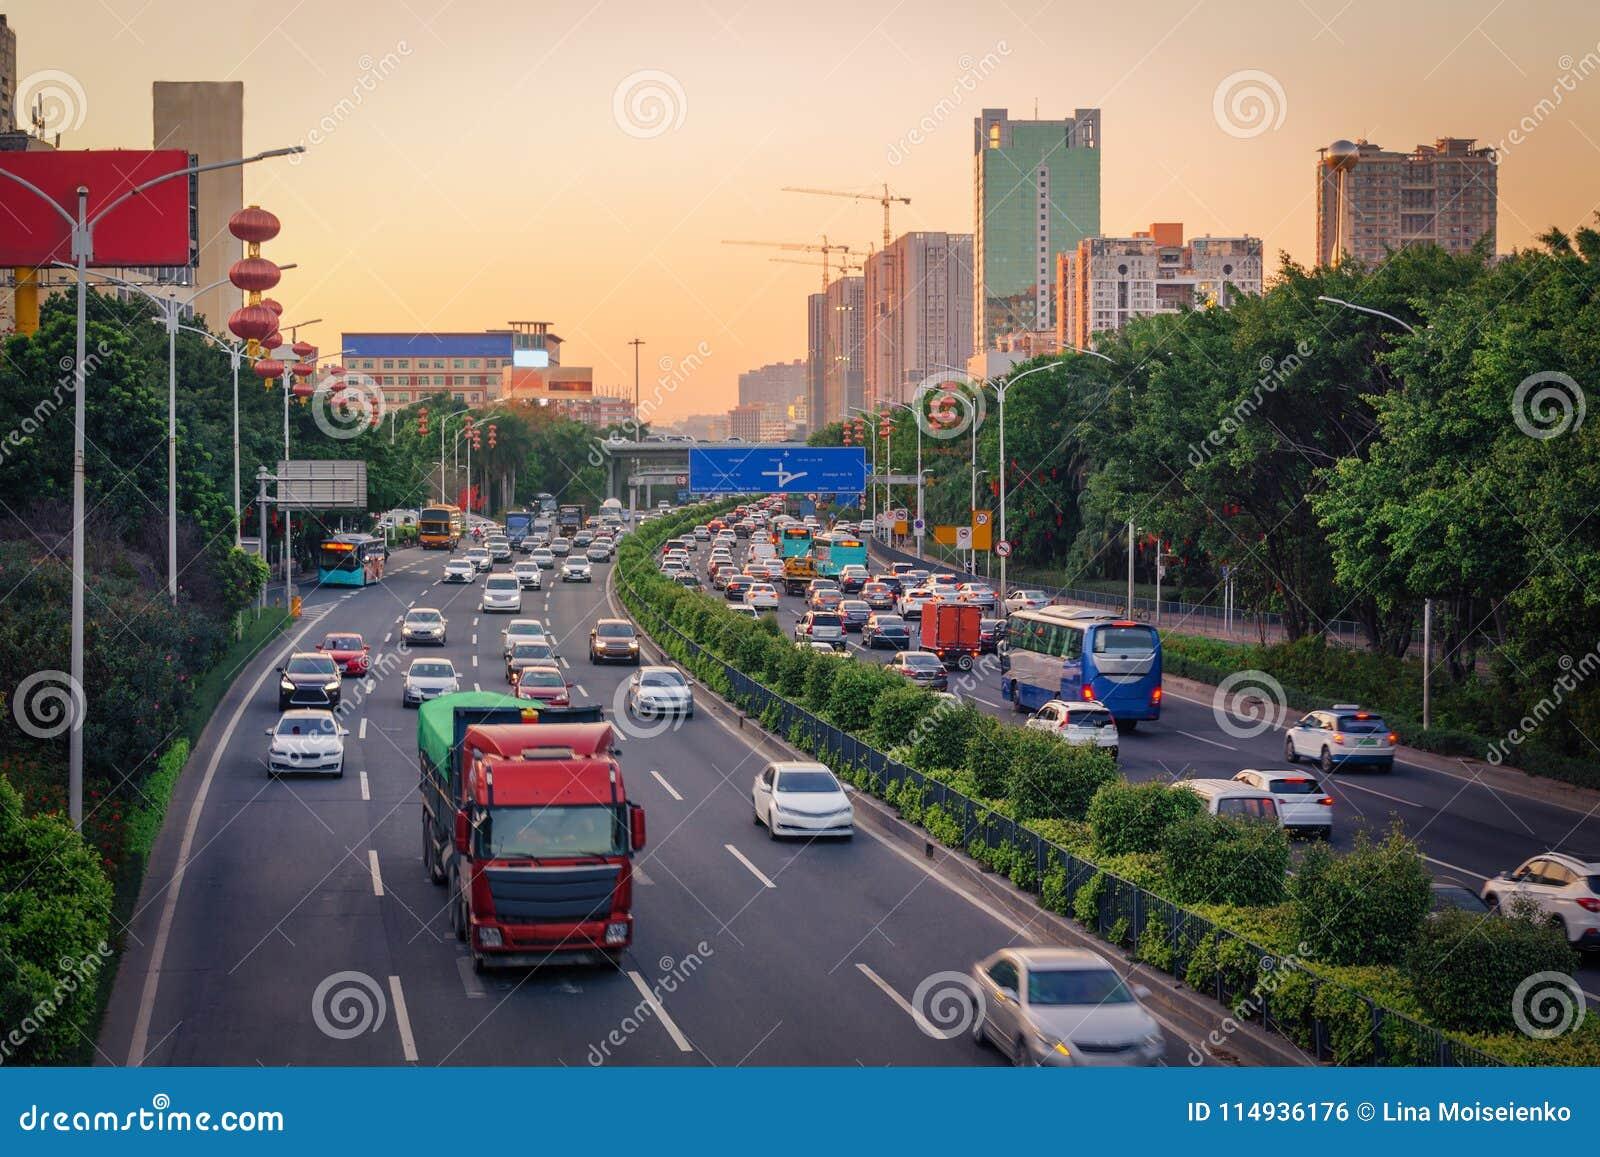 Час пик вечера в большом городе, заторе движения от много автомобилей на дороге разделенного шоссе, занятом городском взгляде на